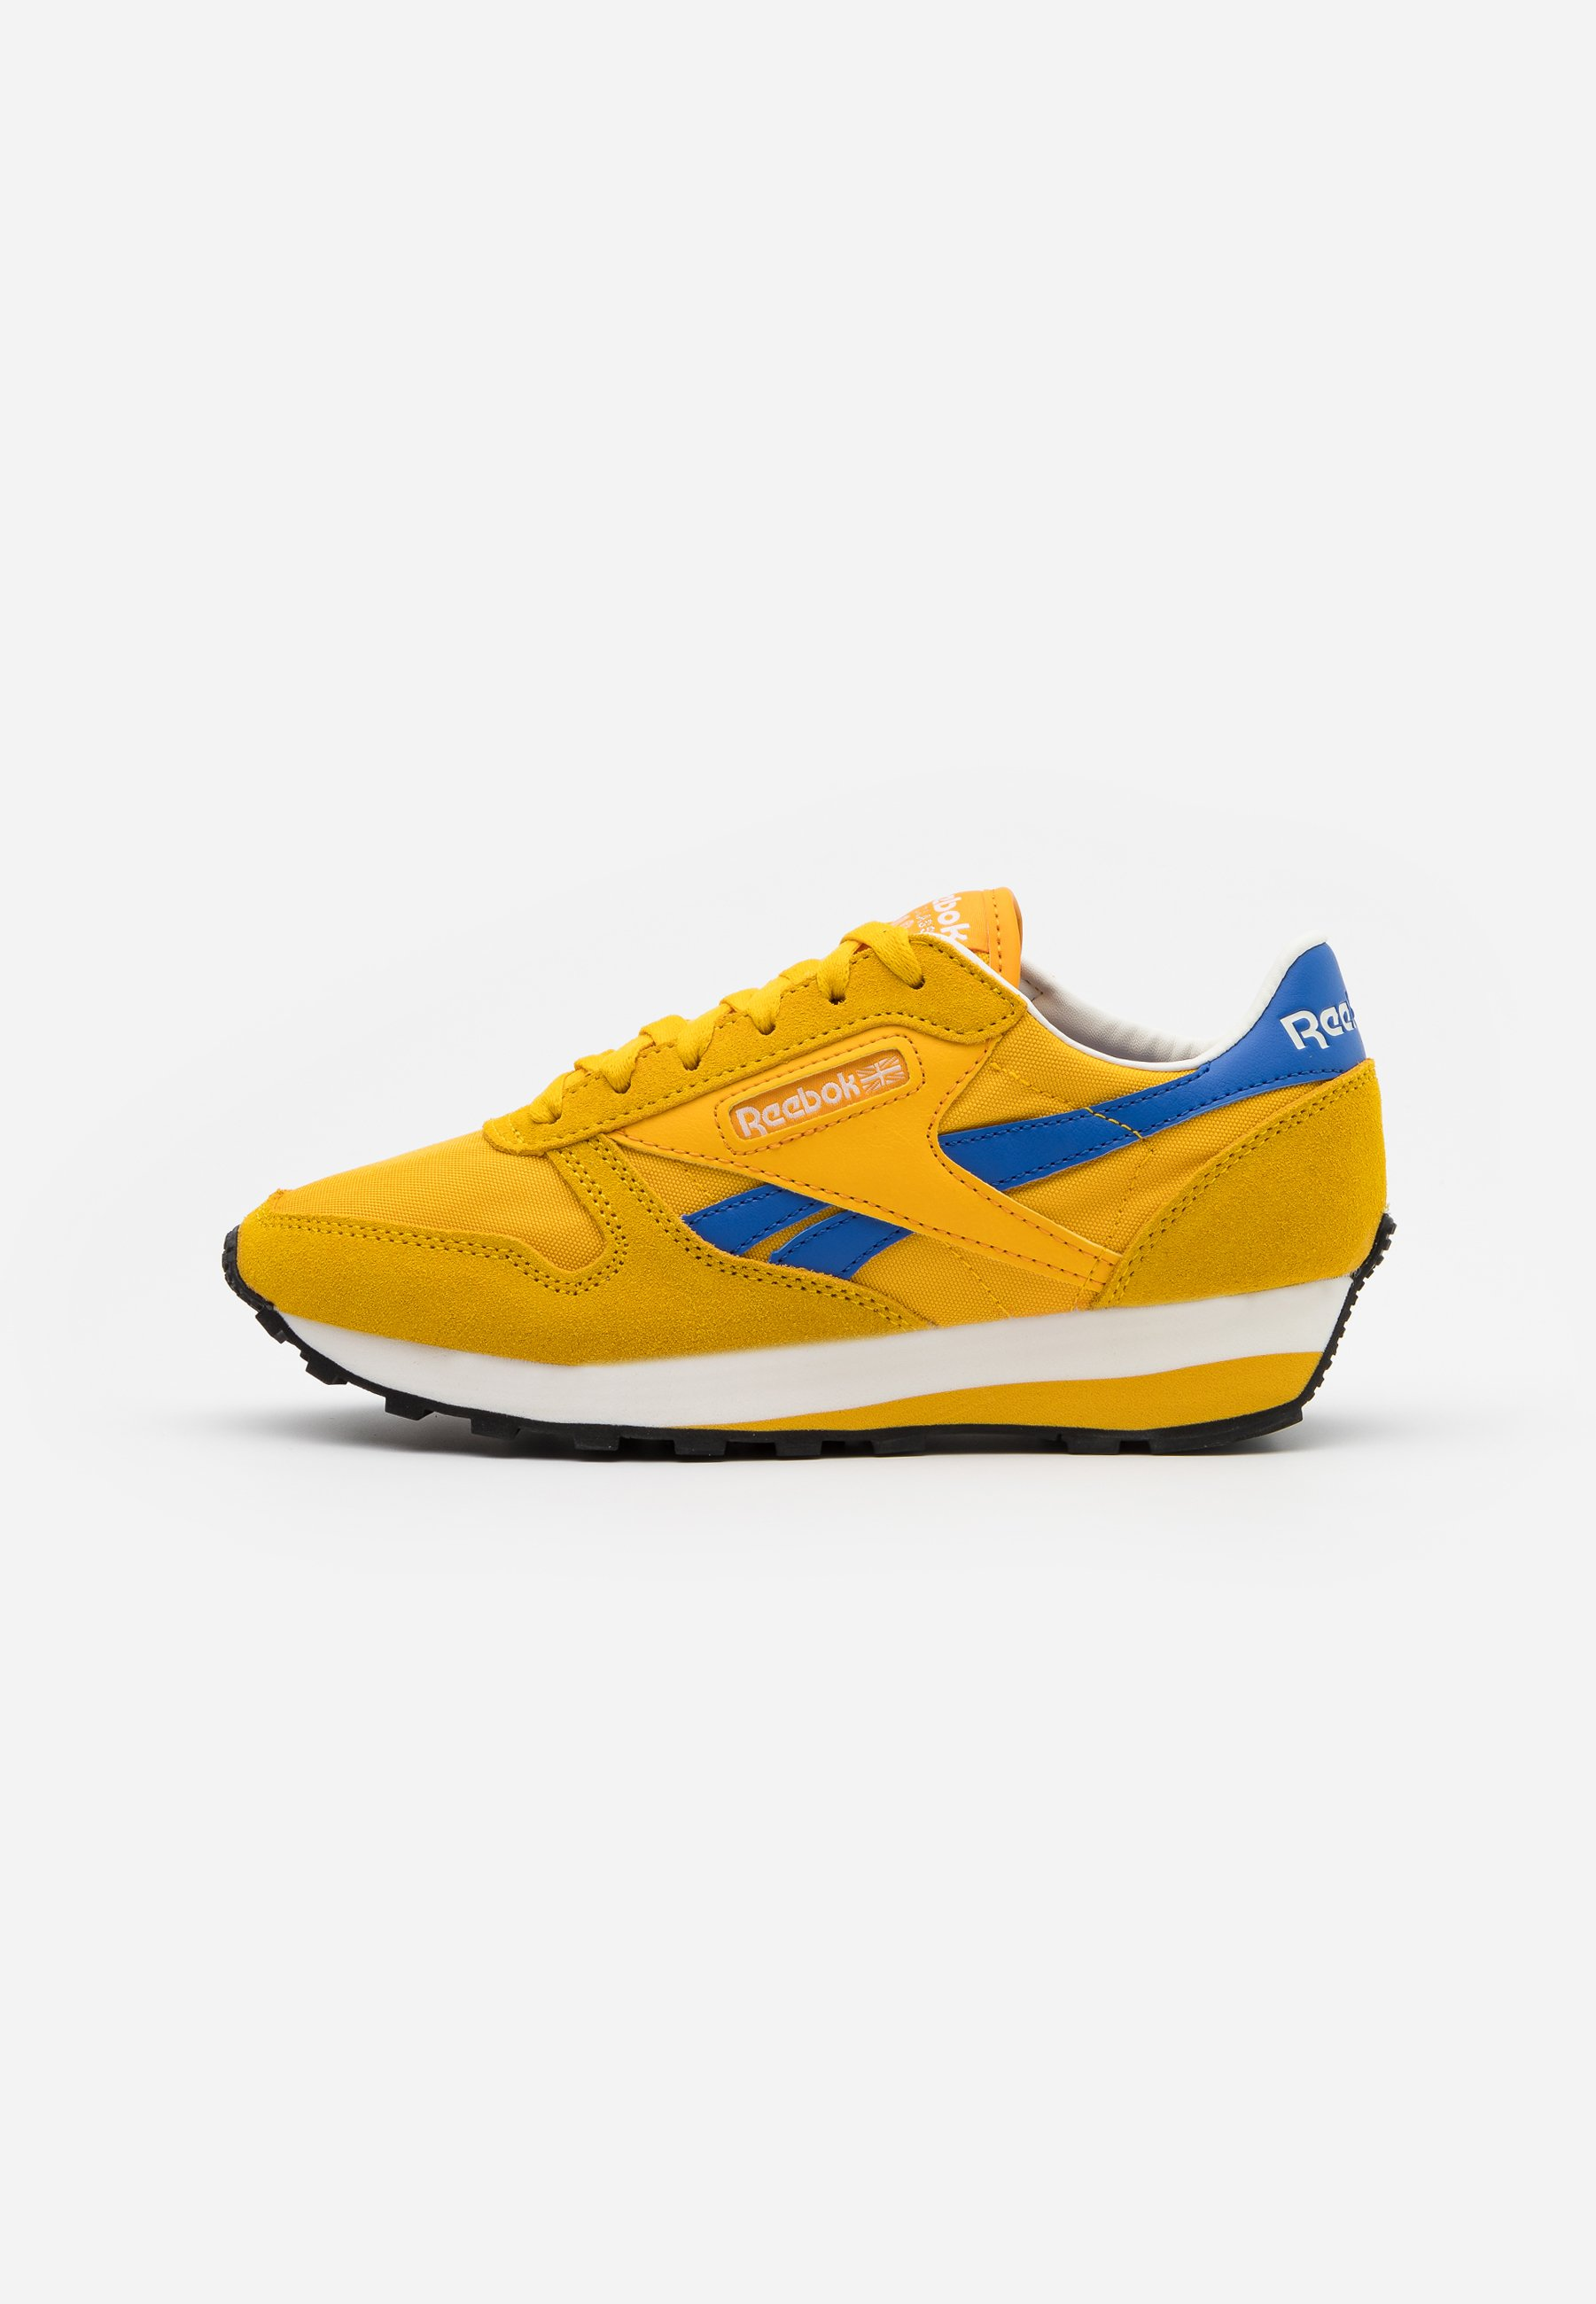 Zapatos Richter de hombre en oferta | Outlet online en Zalando